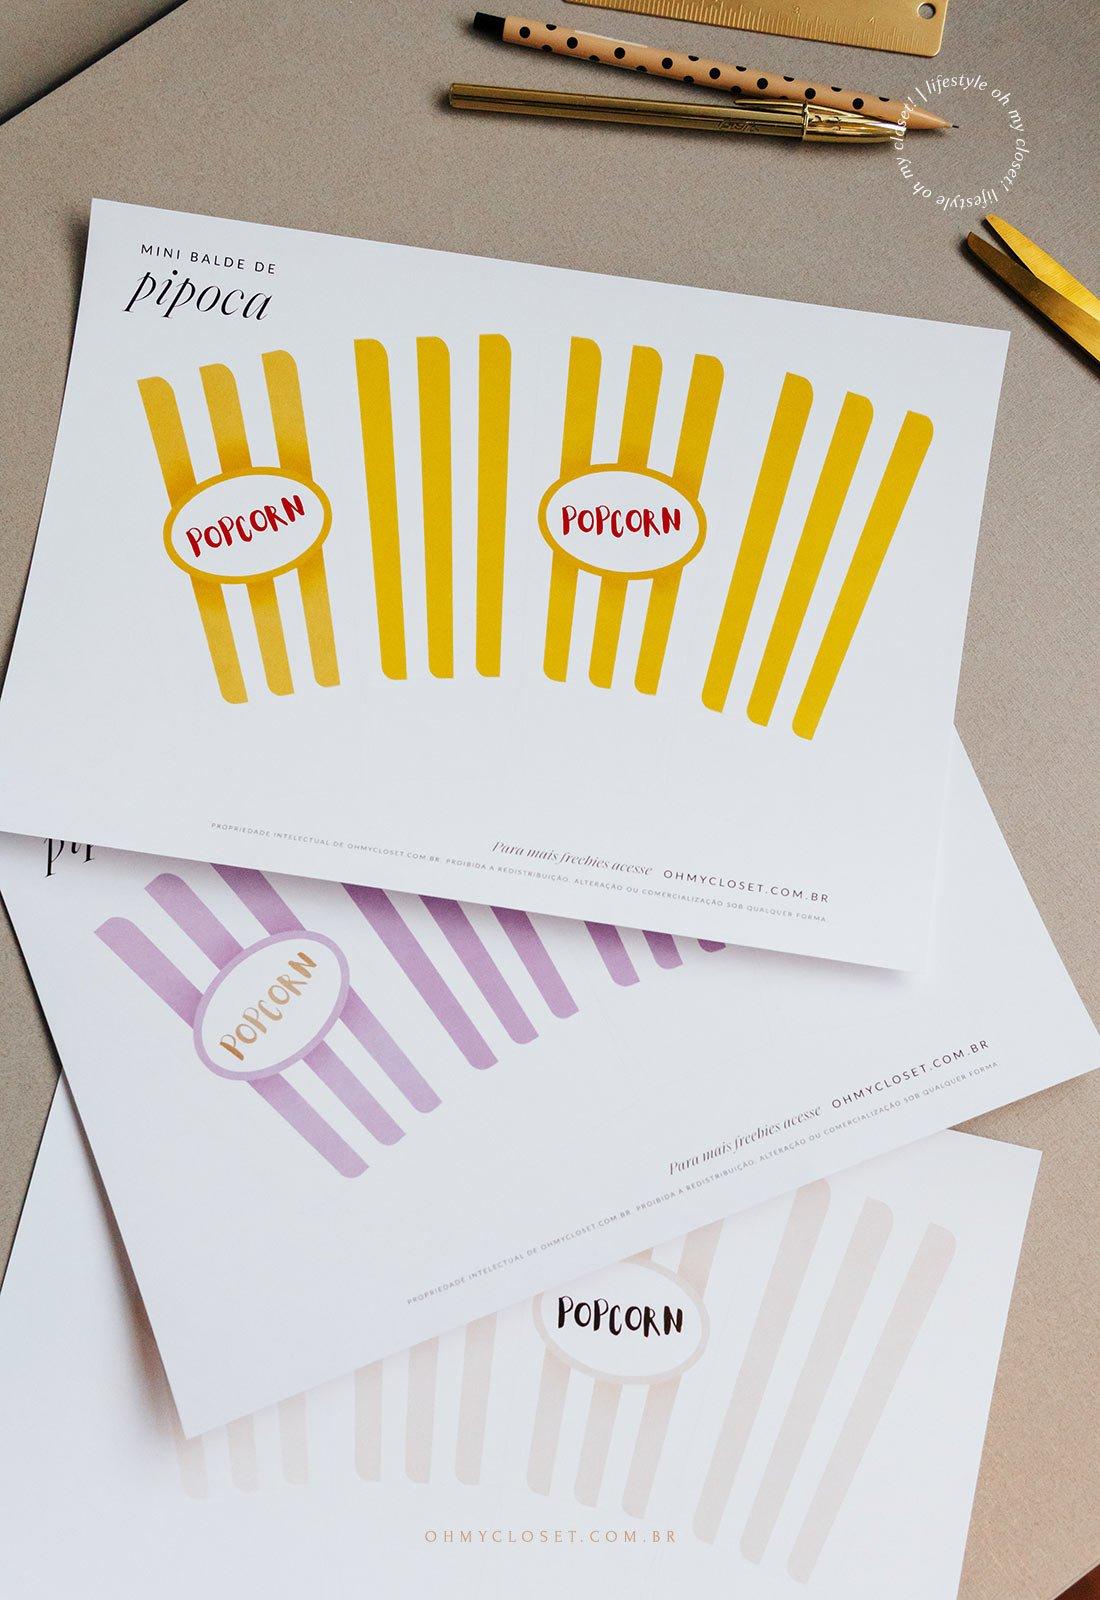 Folhas impressas com o molde do mini balde de pipoca para impressão.